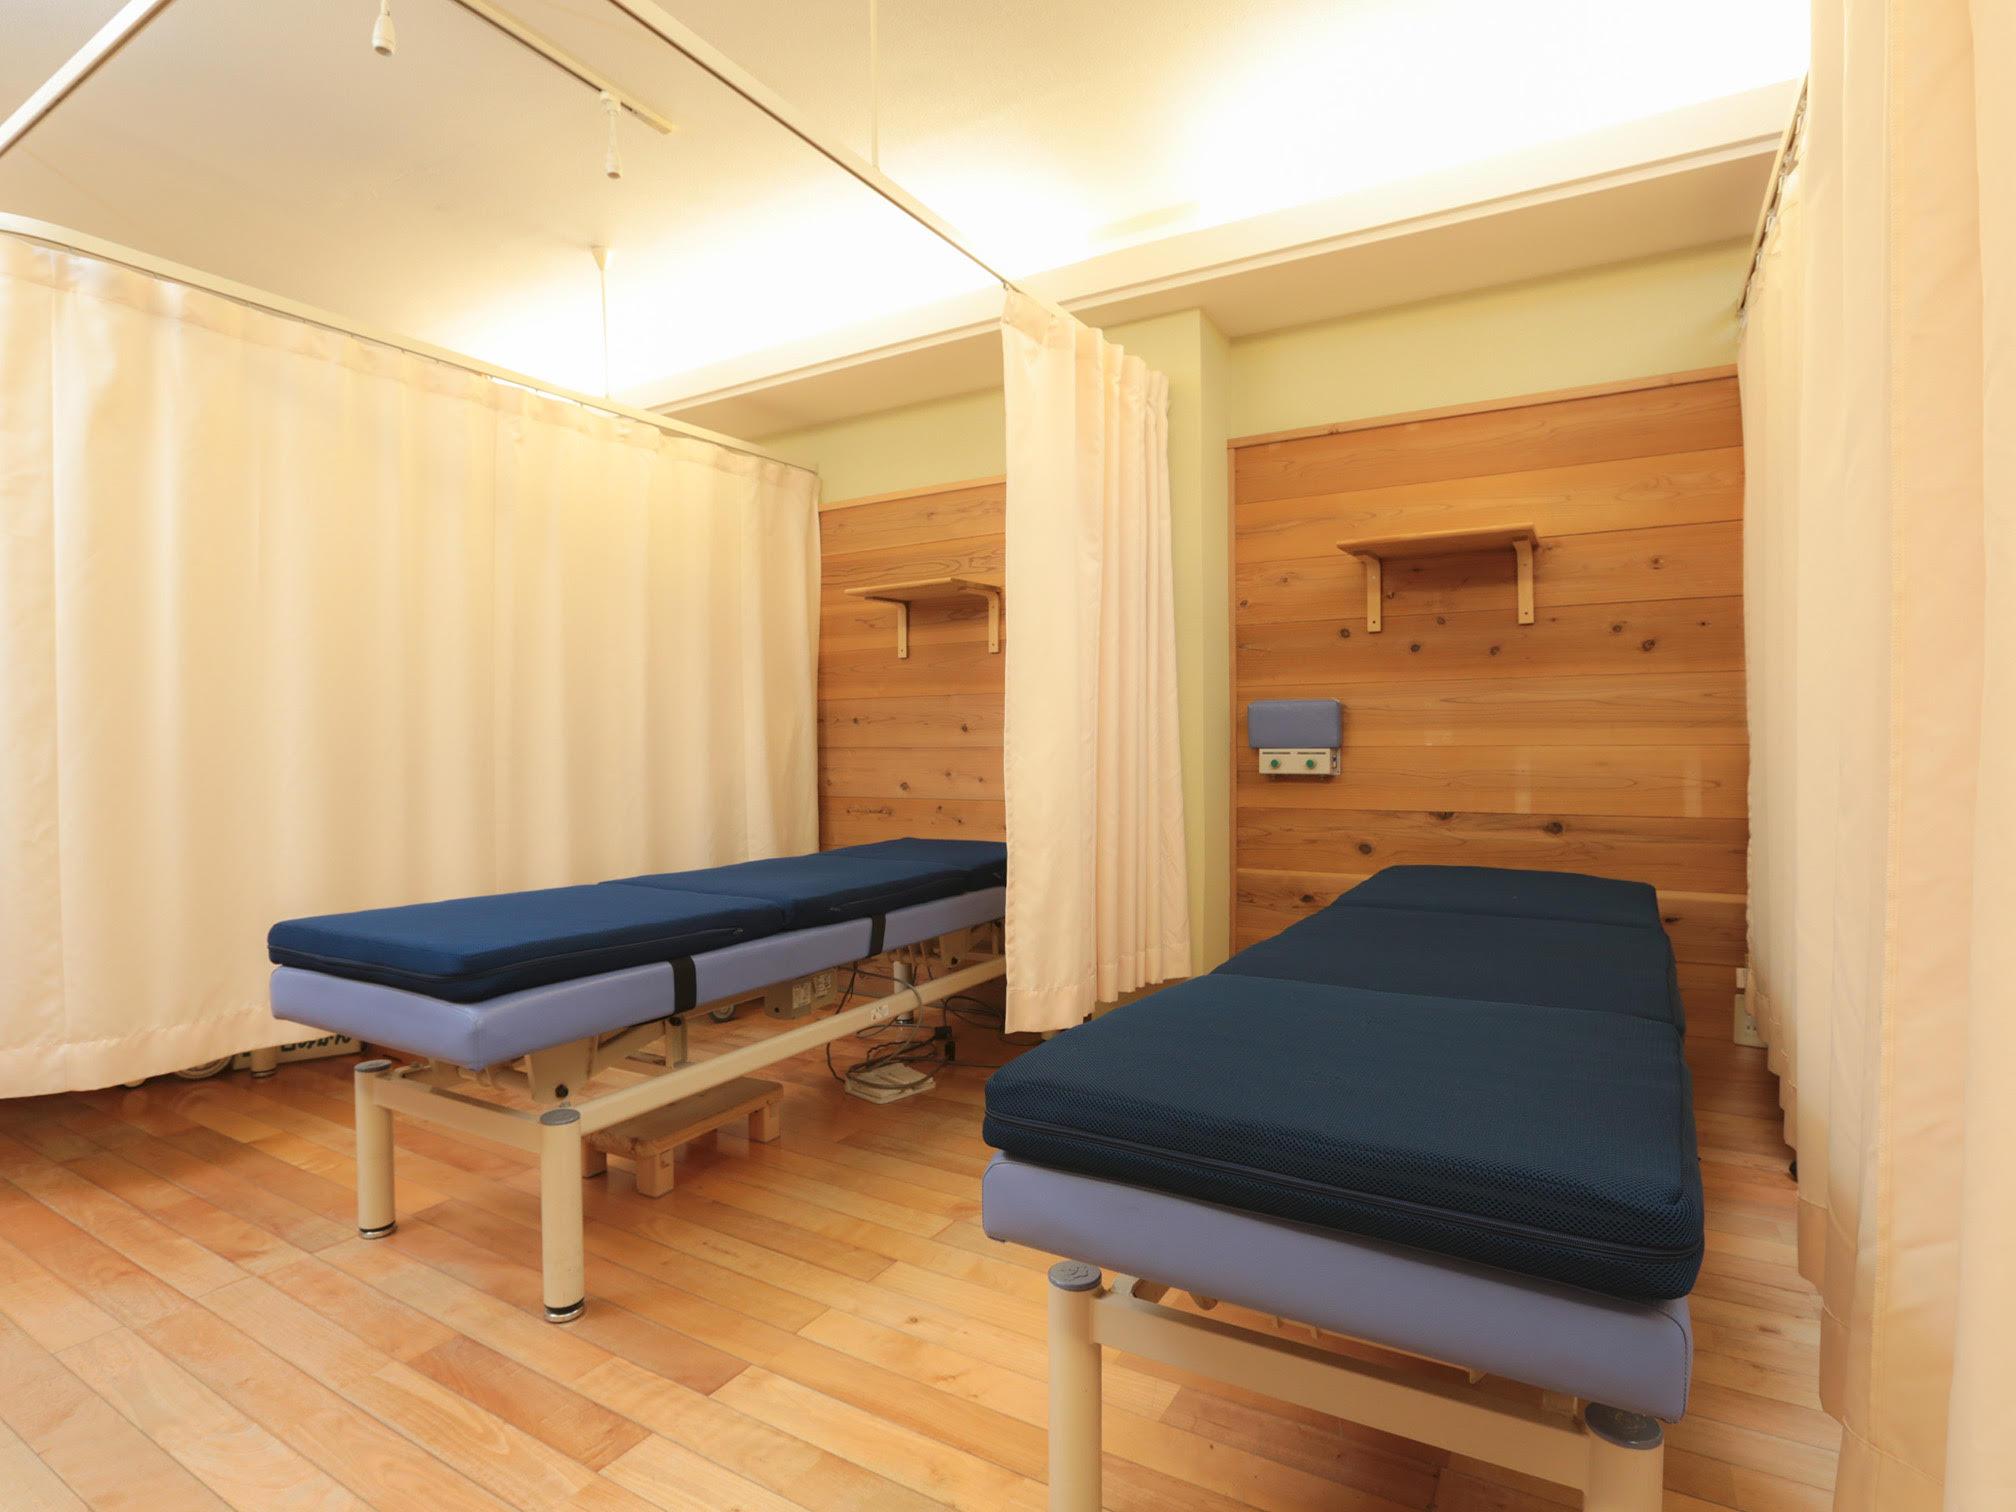 ベッドは2つ並んでいますが、同時にお二人の施術は行いません